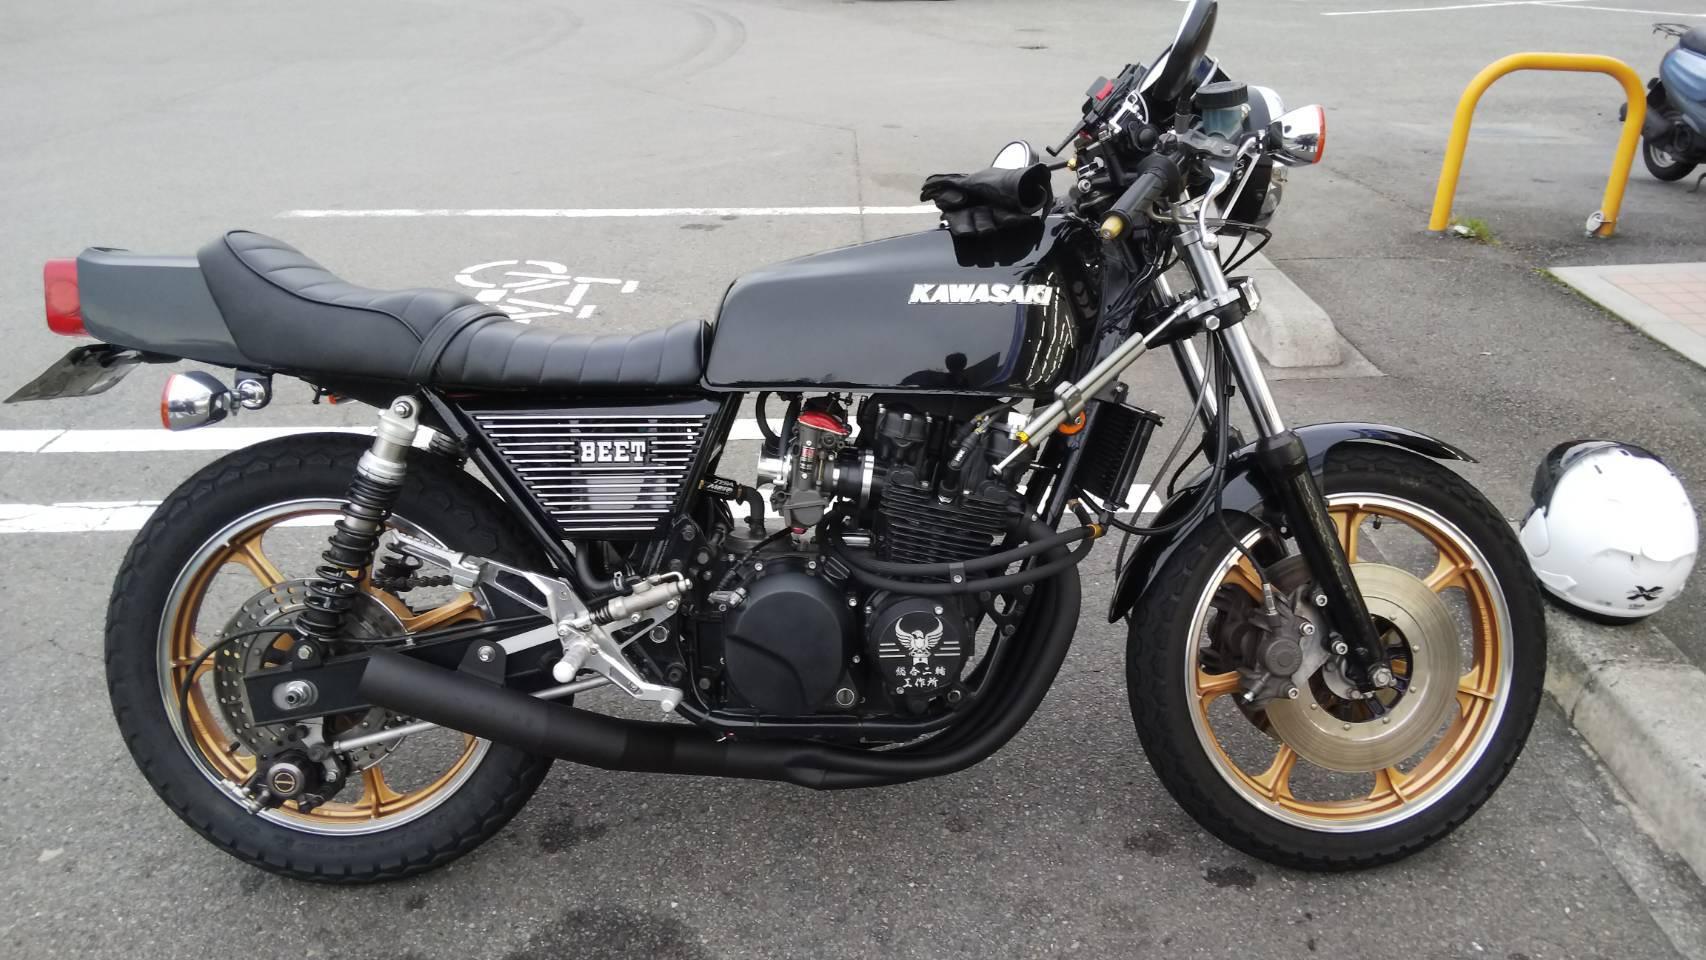 Z400FXかすたむ_b0163075_01292165.jpg